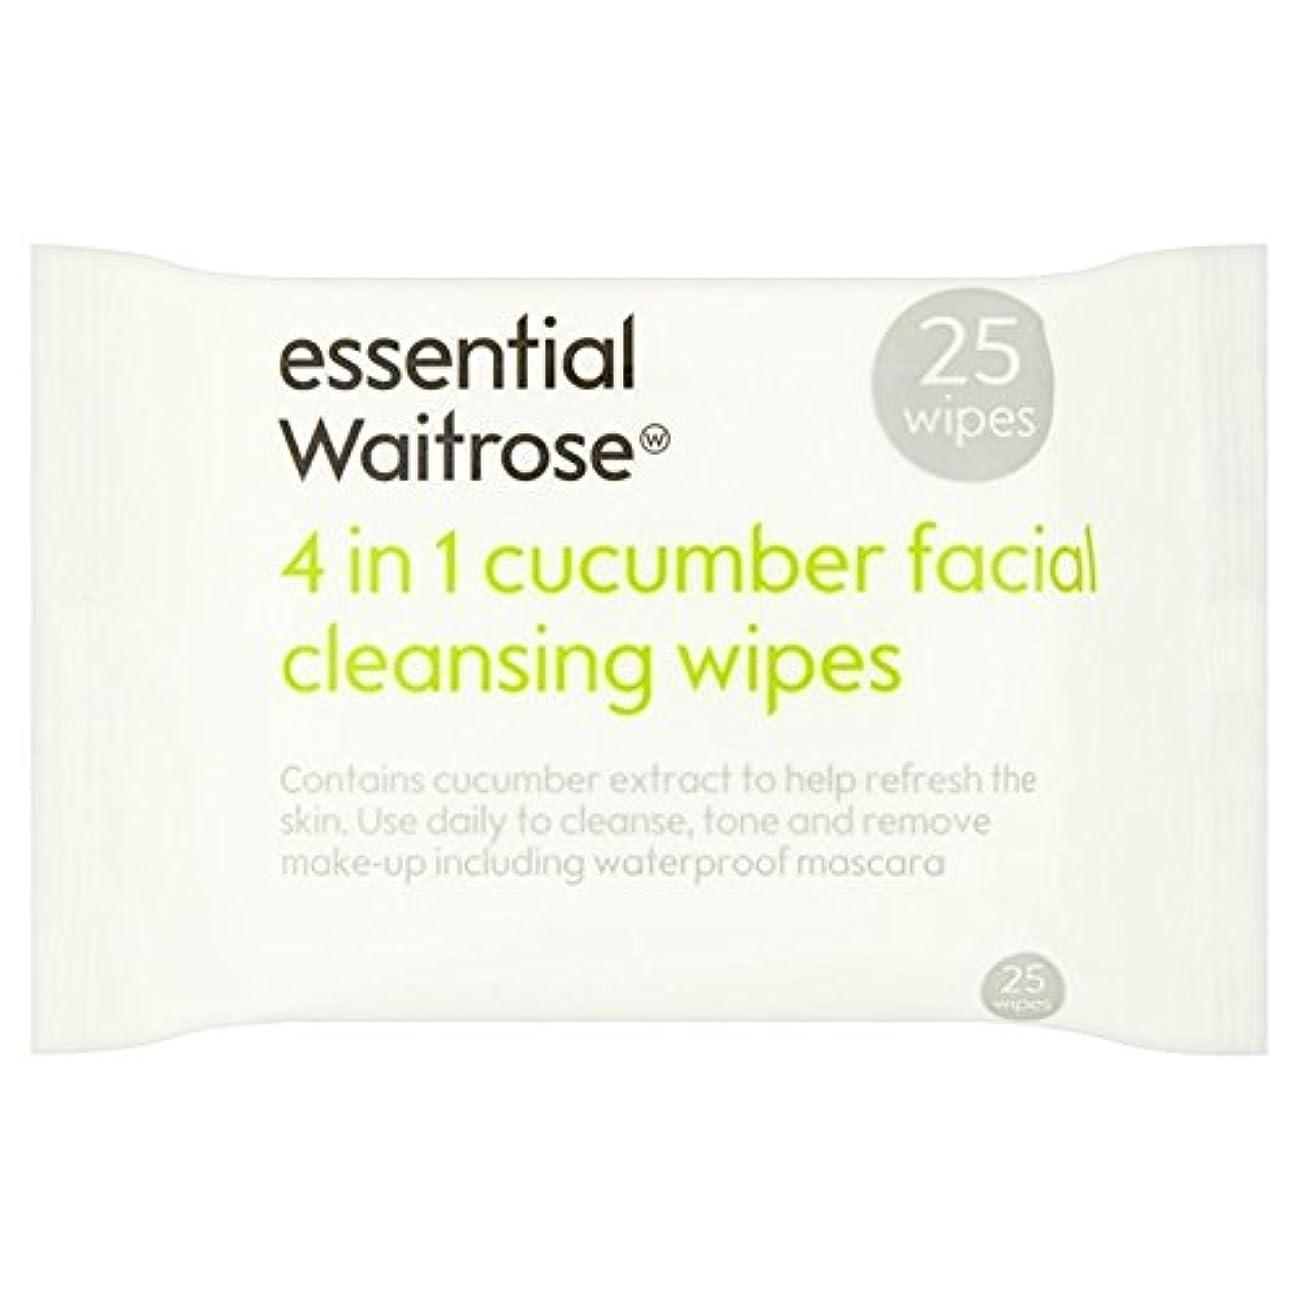 小道具あたりどうやってキュウリ顔のワイプパックあたり不可欠ウェイトローズ25 x4 - Cucumber Facial Wipes essential Waitrose 25 per pack (Pack of 4) [並行輸入品]